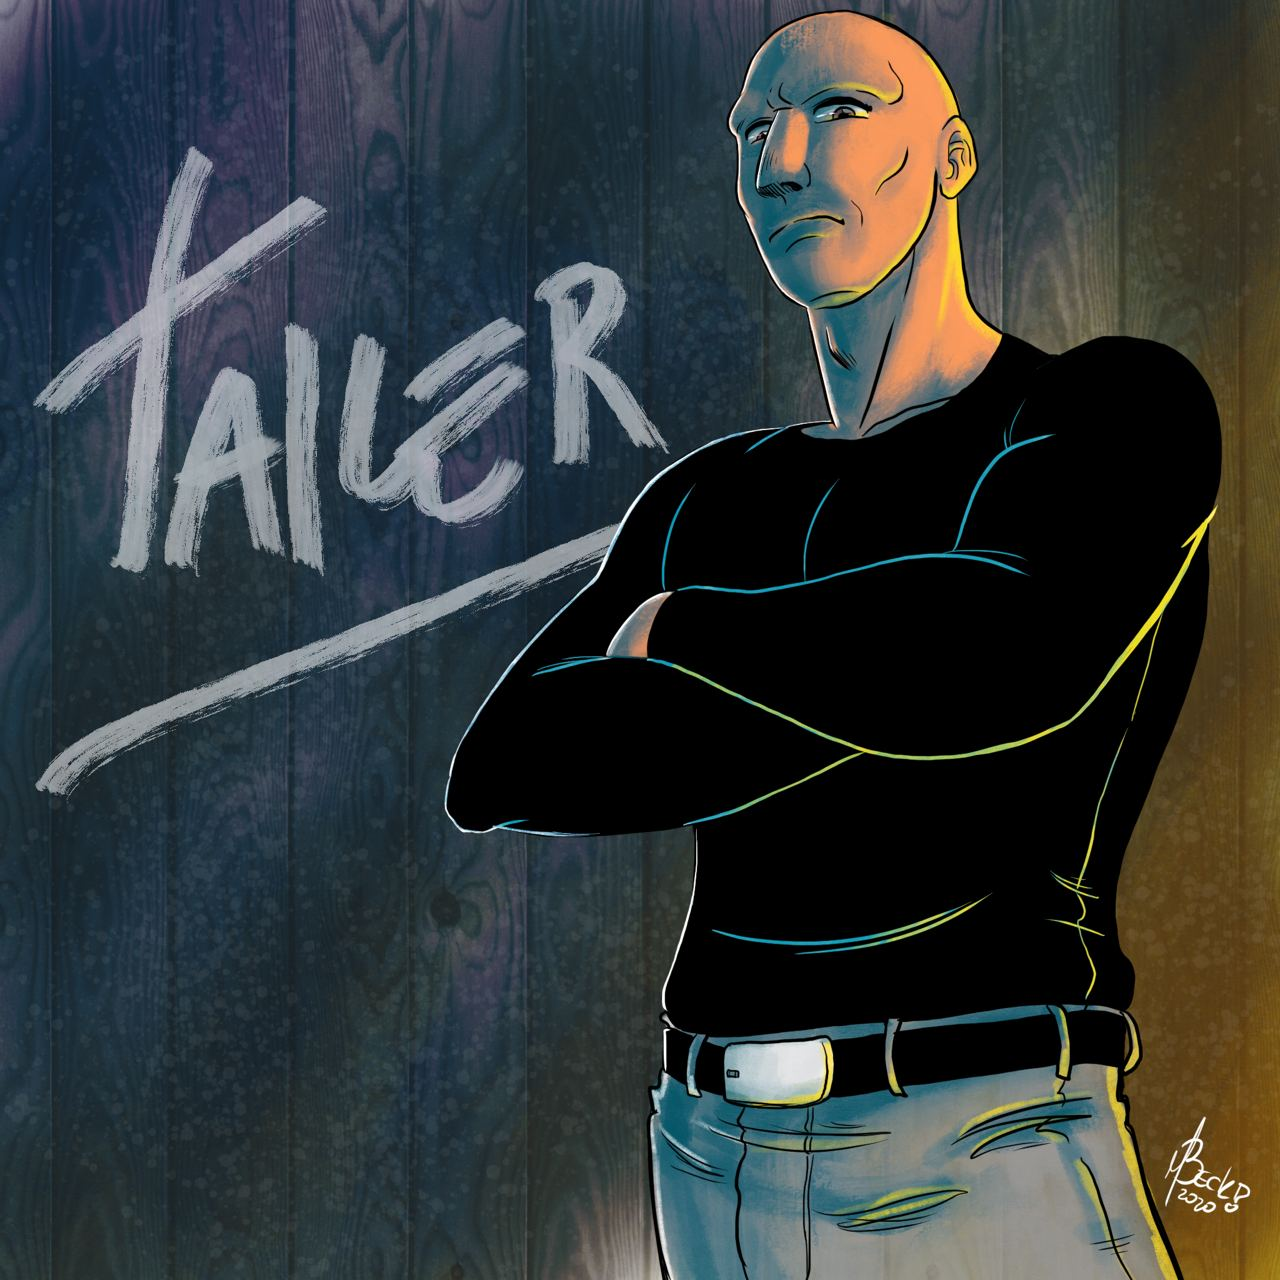 tailer-killermaker